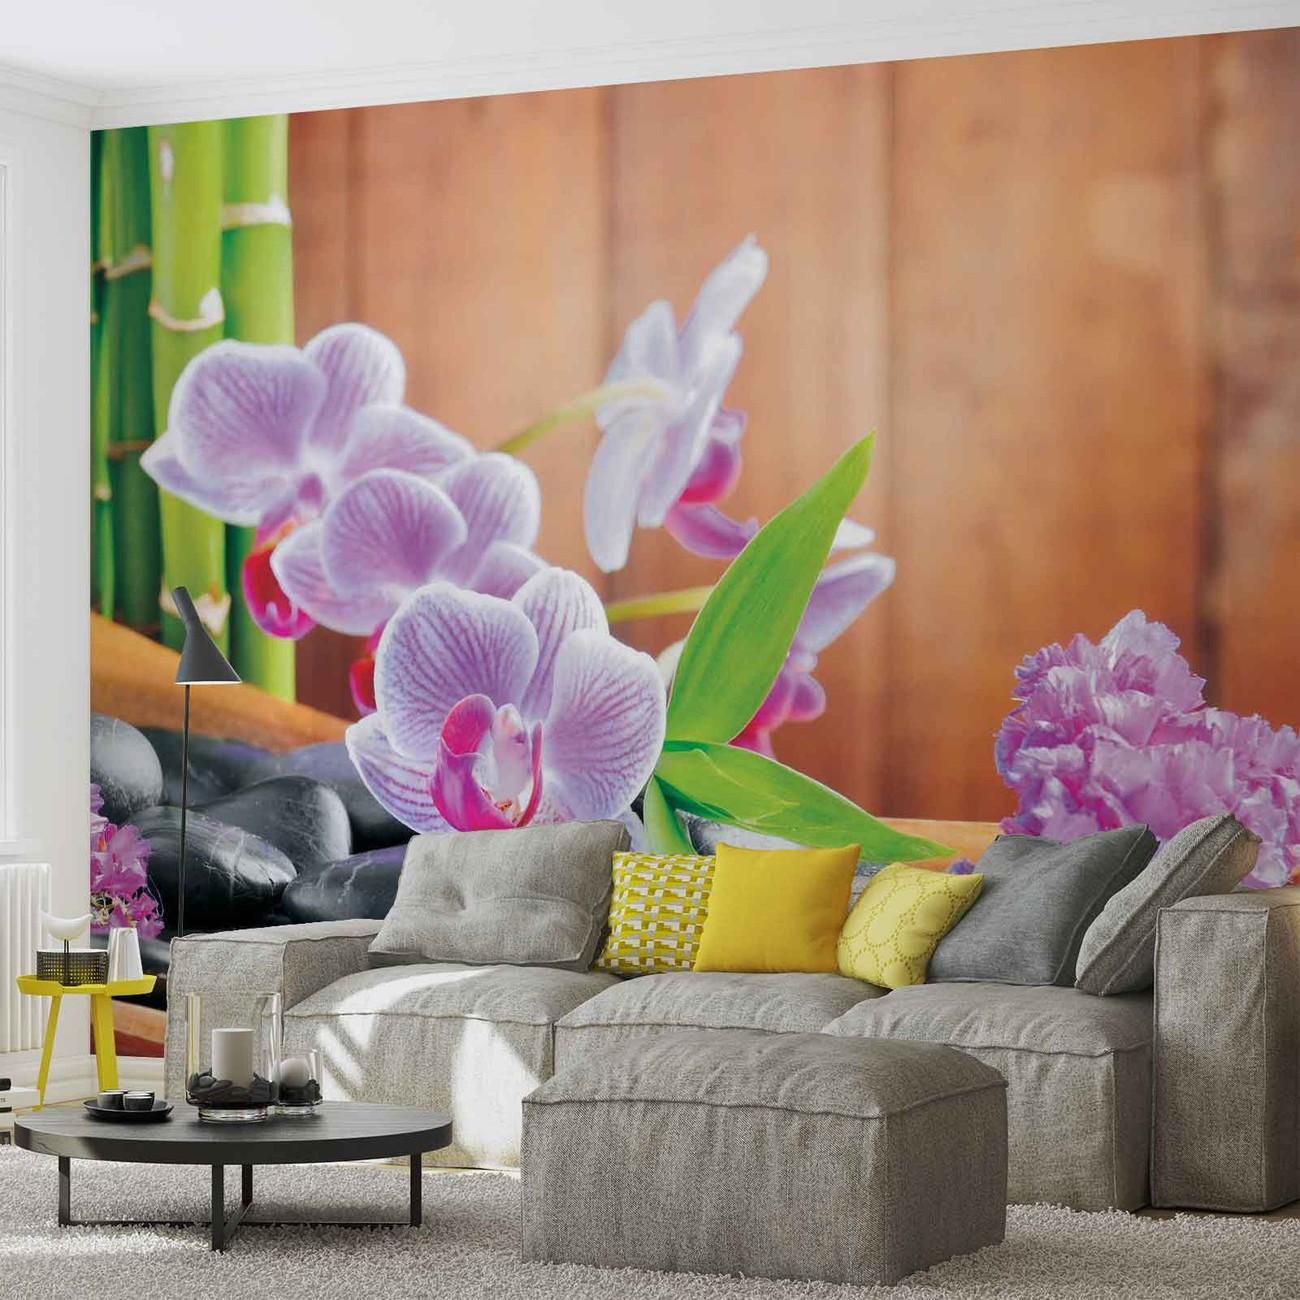 Fleurs orchid es zen poster mural papier peint acheter for Poster mural xxl fleurs